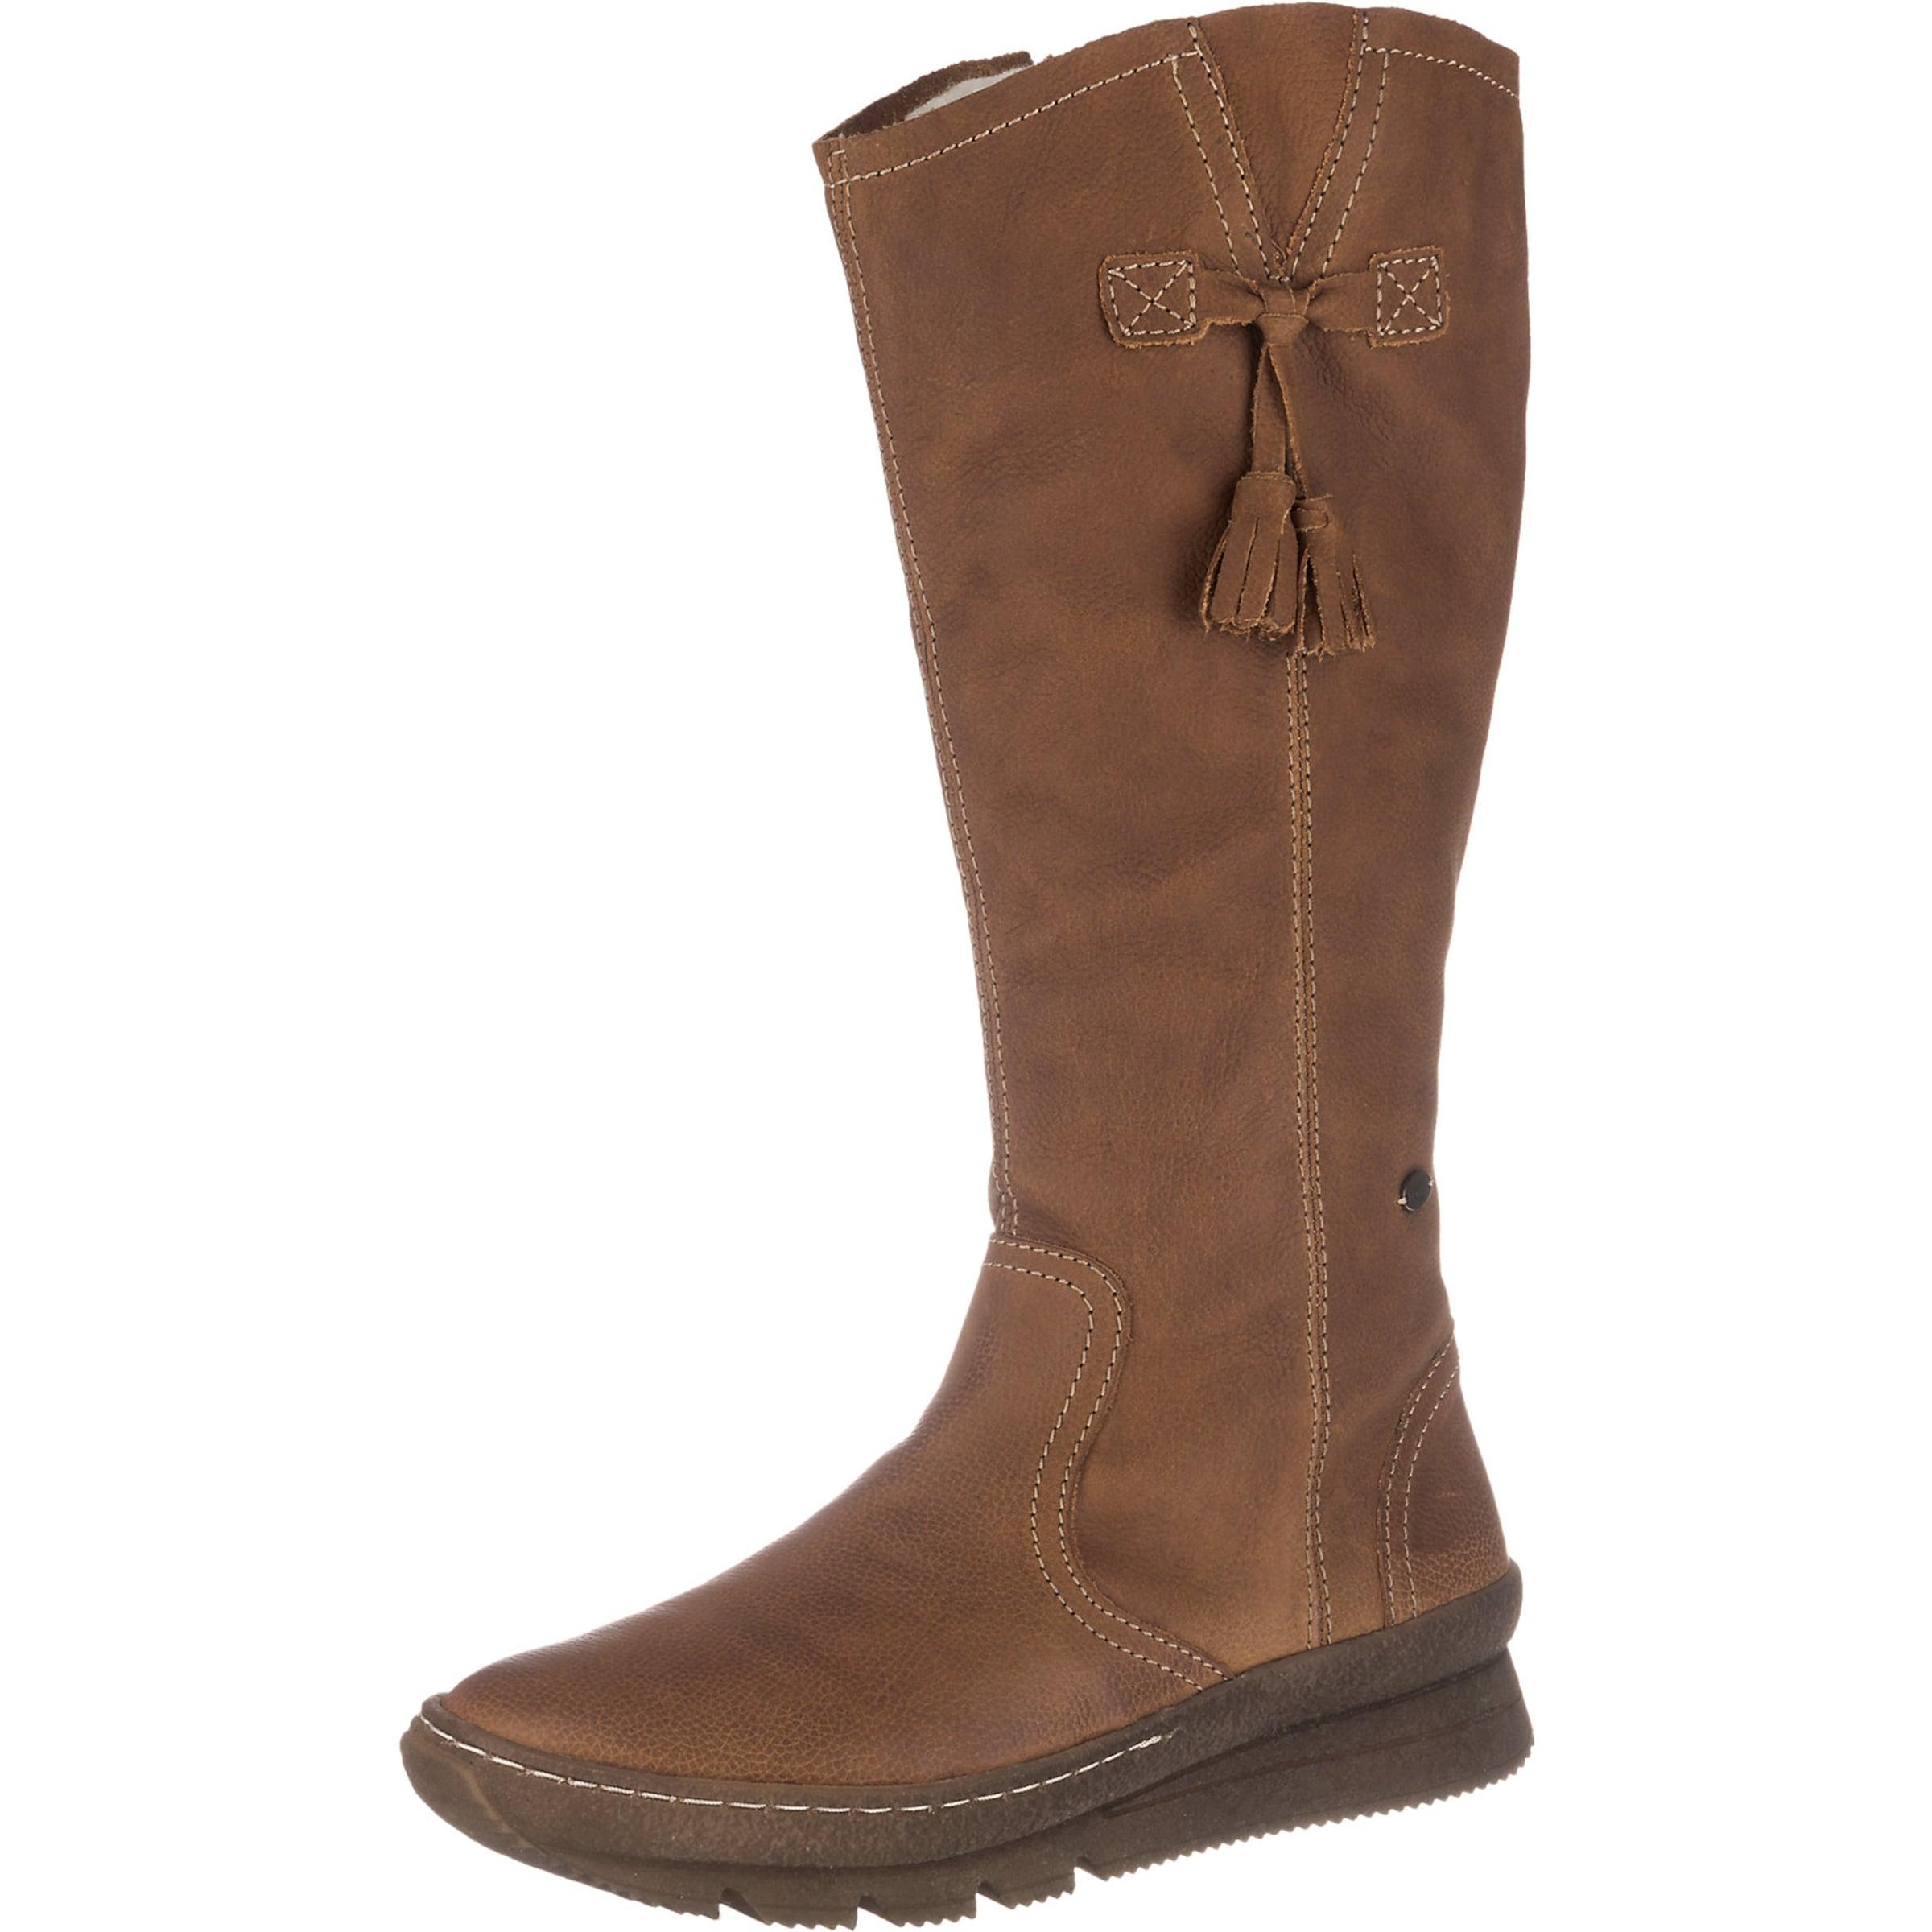 CAMEL ACTIVE Stiefel Günstige und langlebige Schuhe